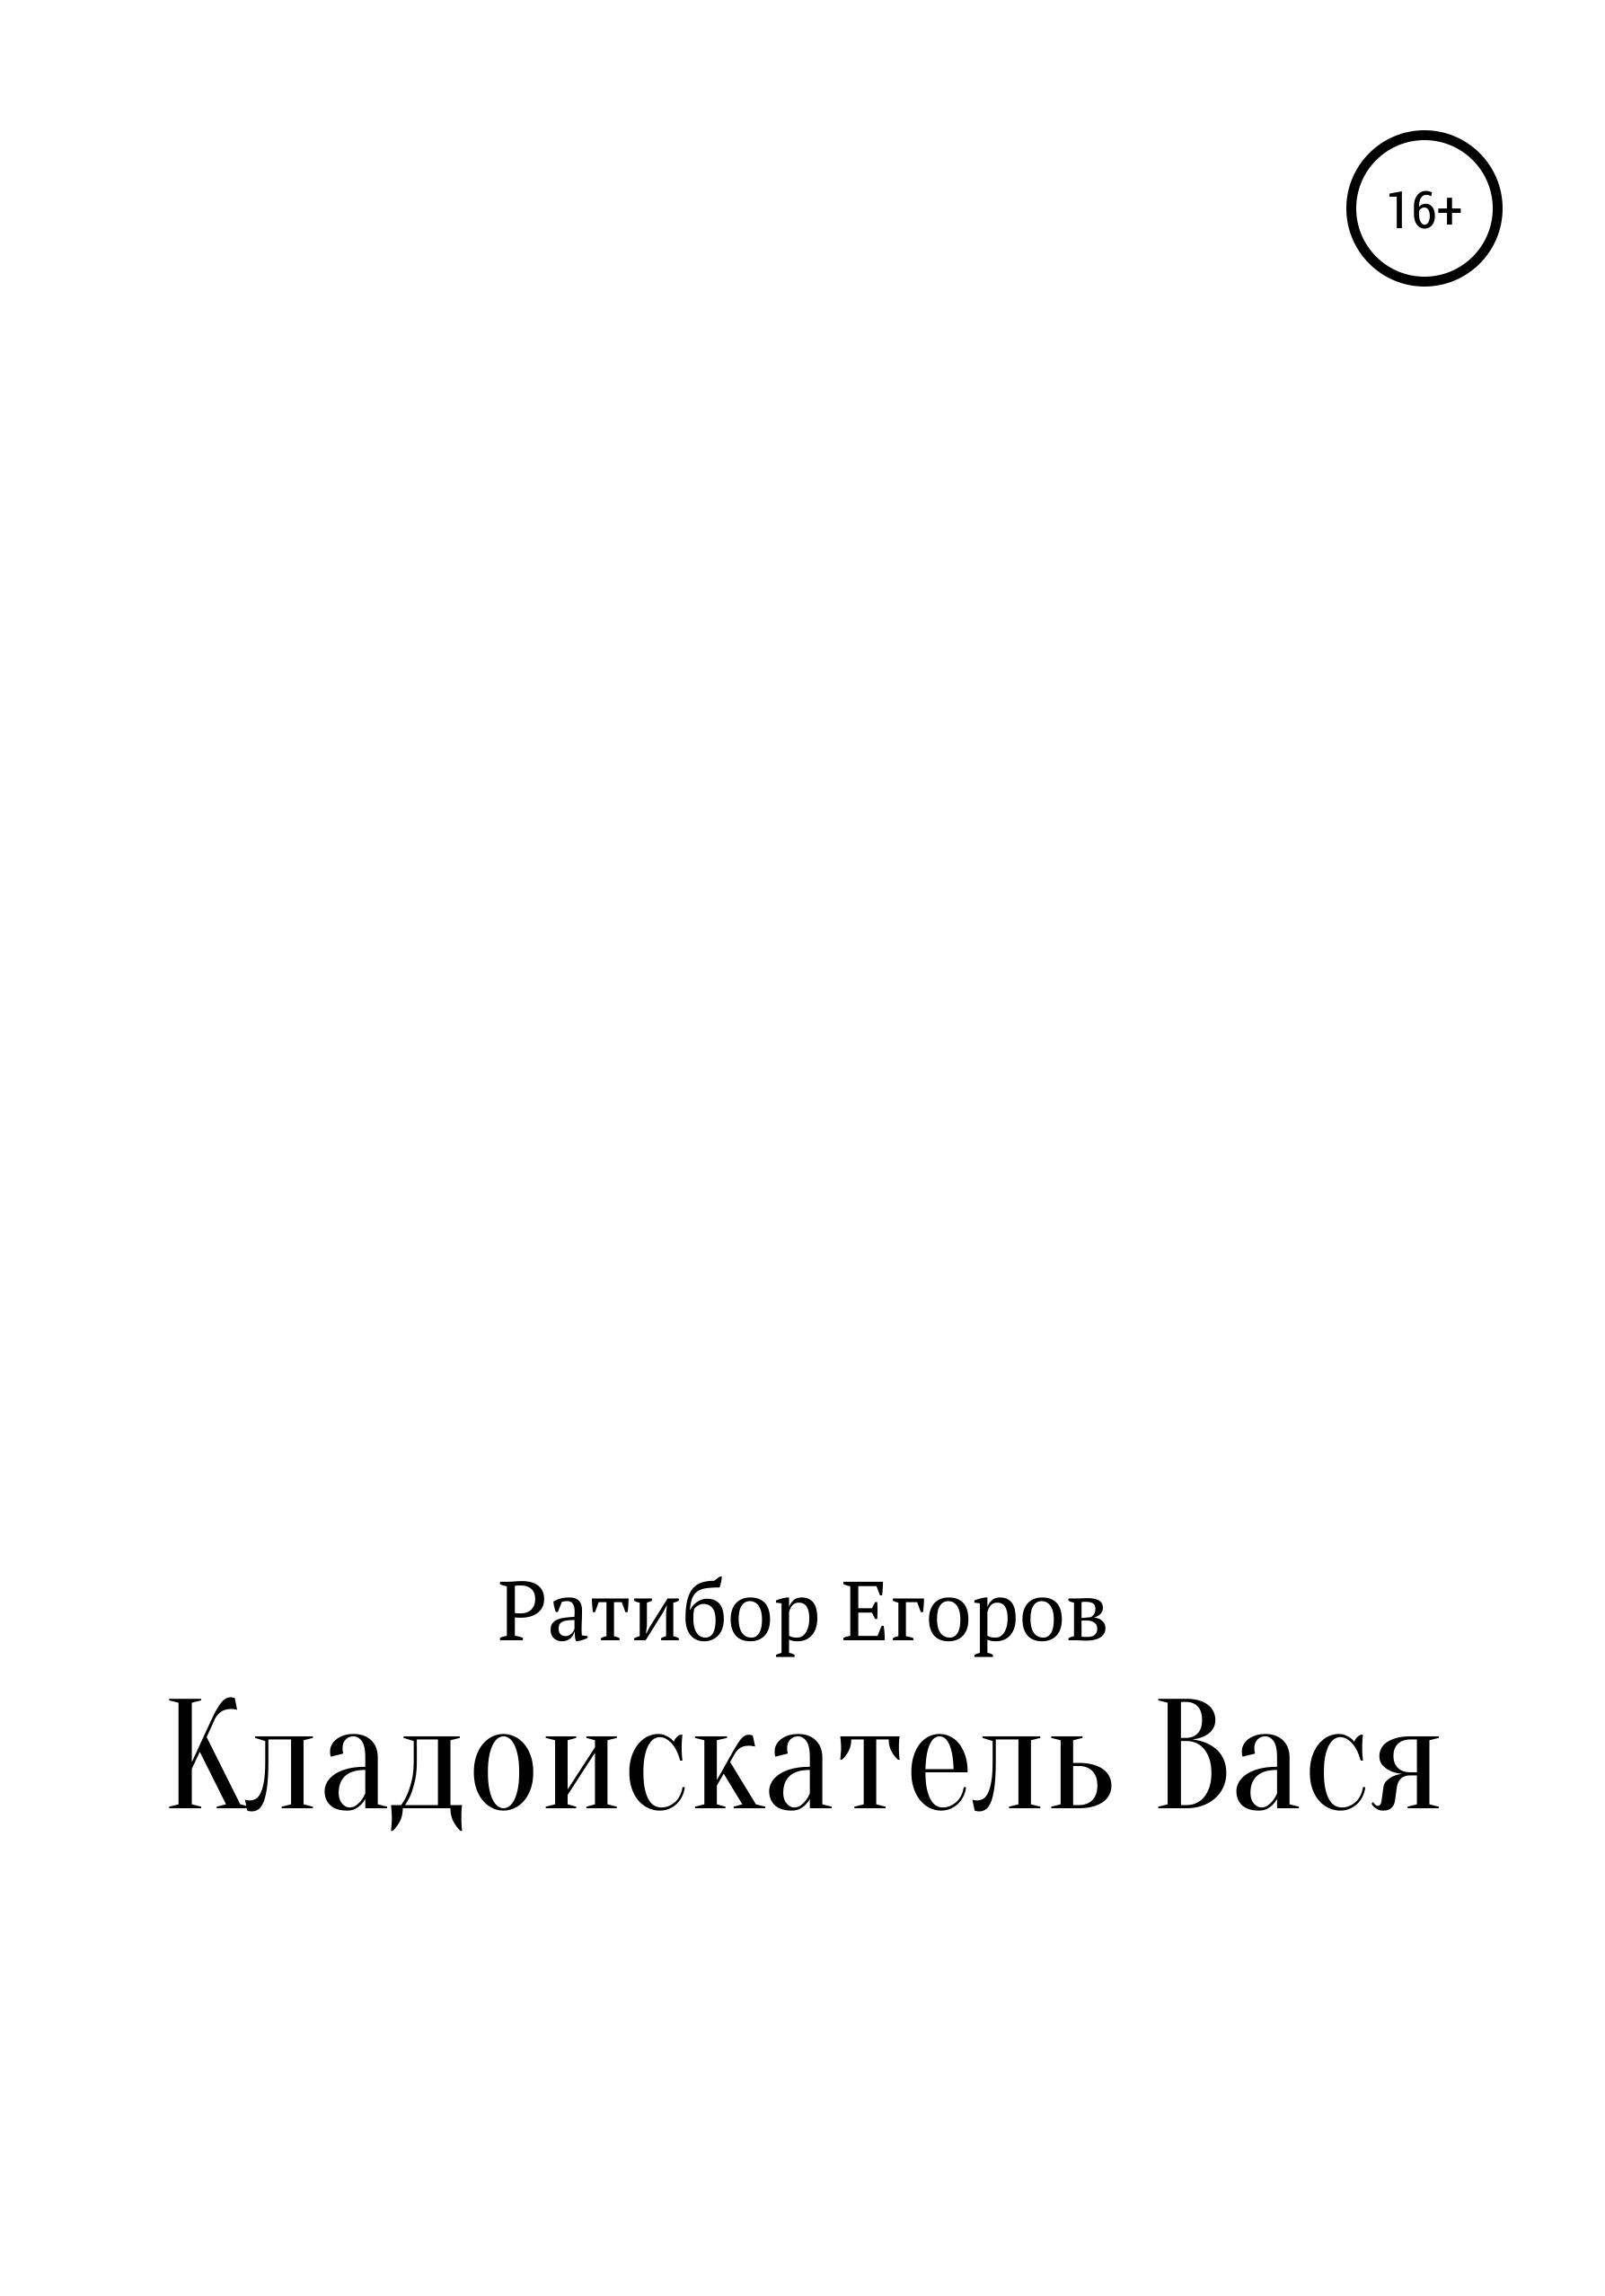 Кладоискатель Вася